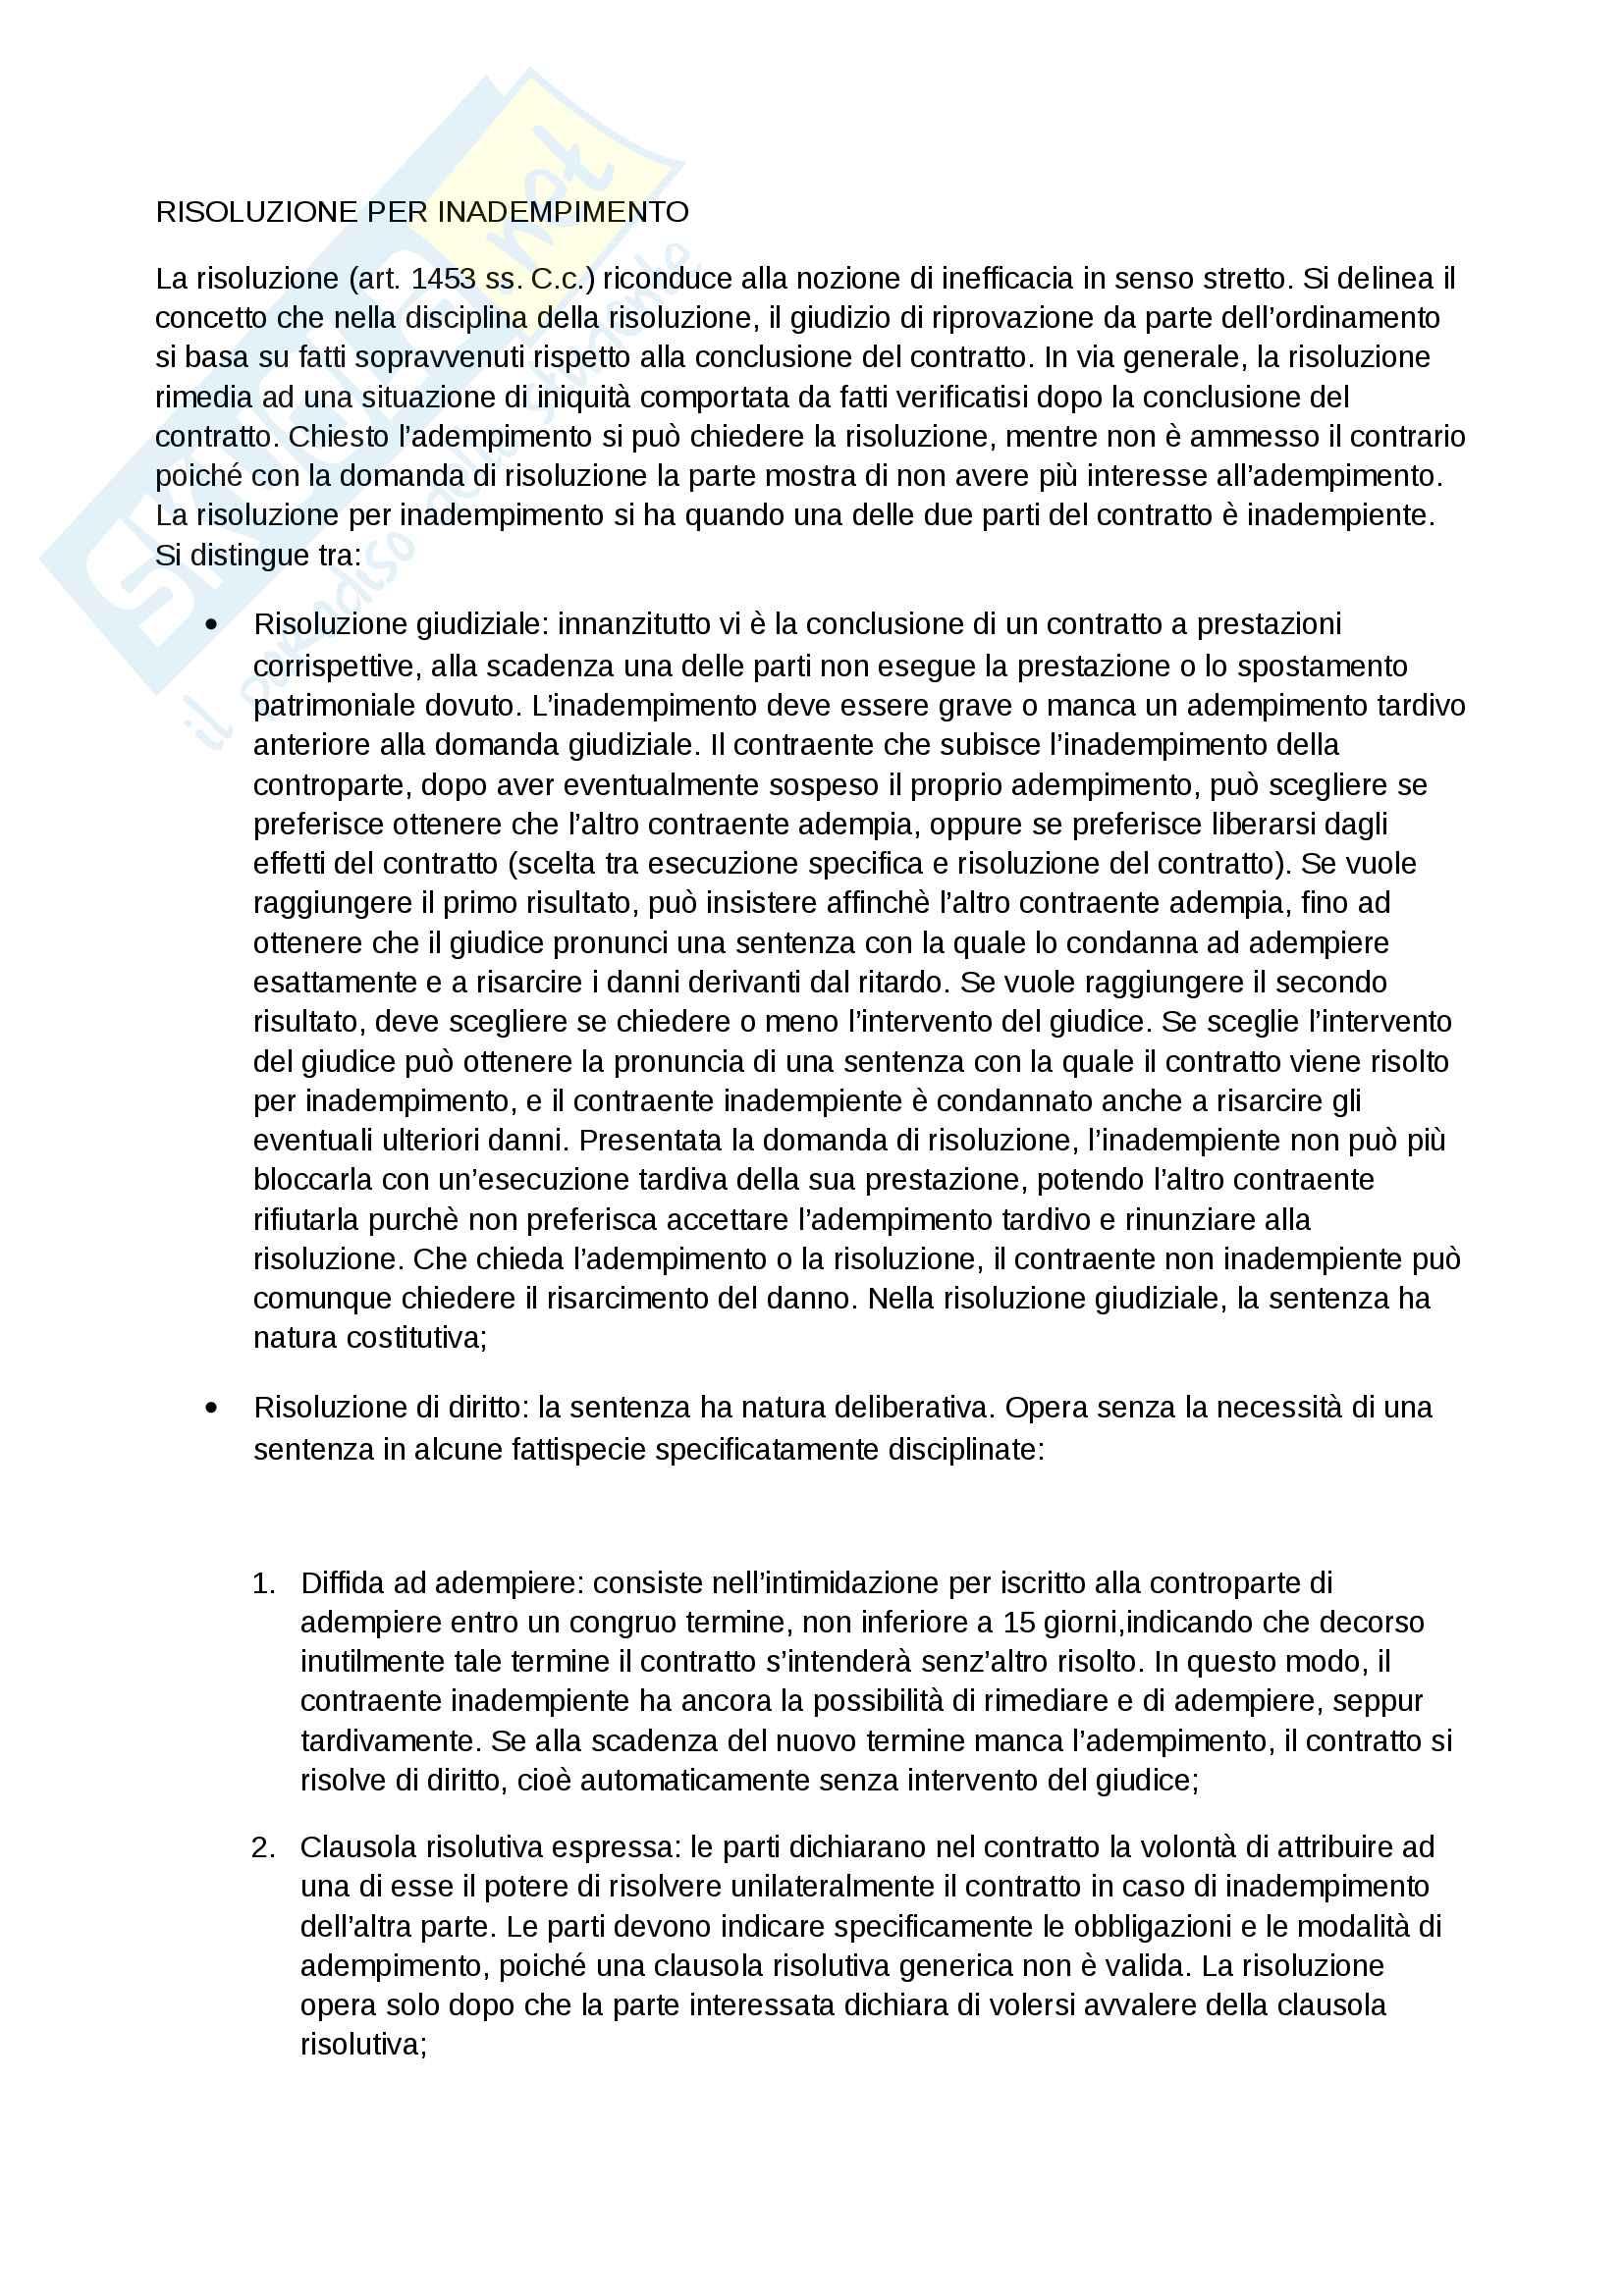 Risoluzione del contratto